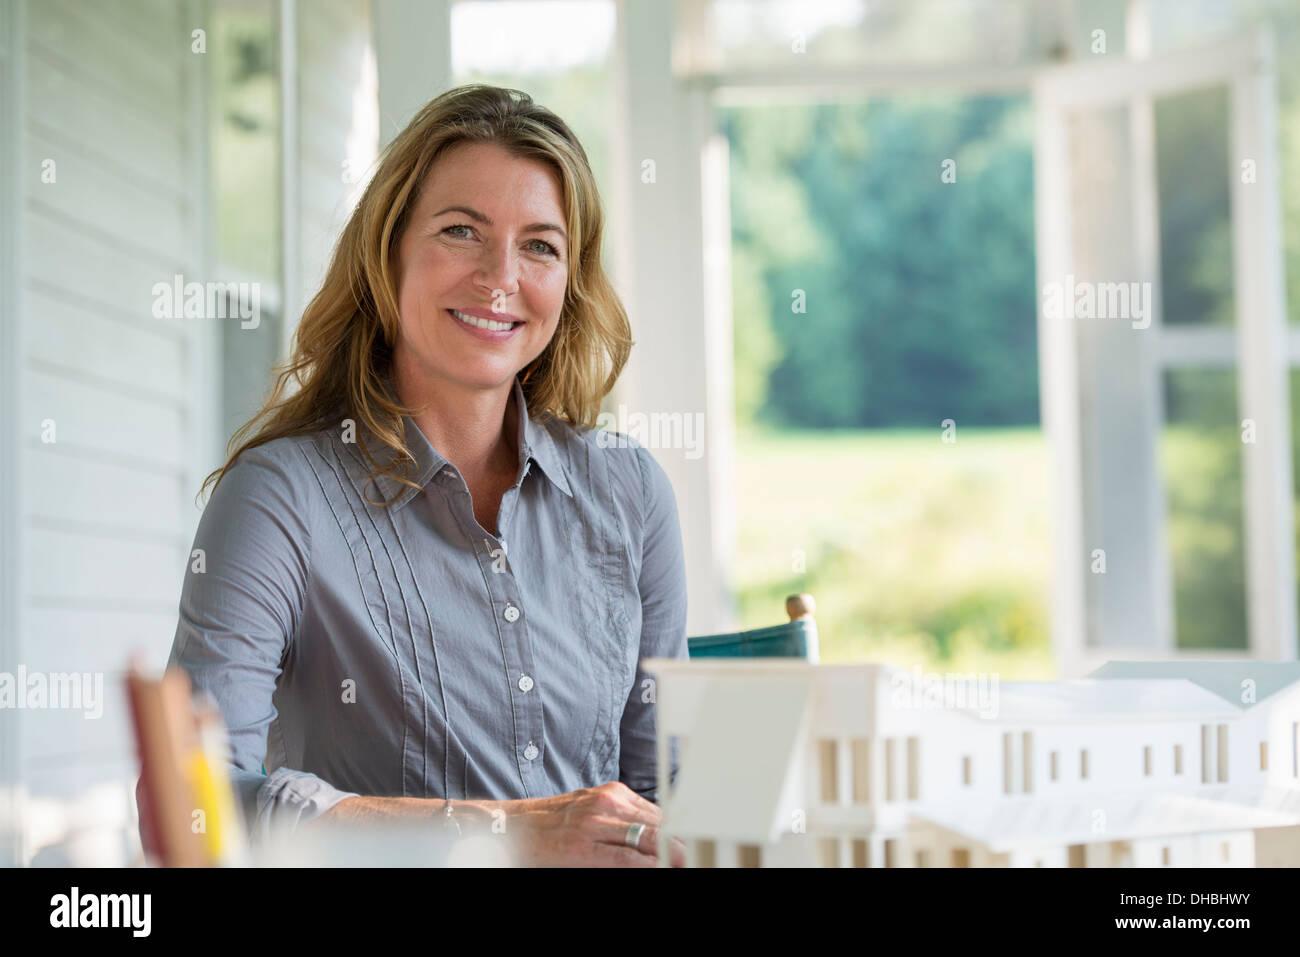 Une cuisine de la ferme. Un modèle d'une maison sur la table. La conception d'une maison. Une femme assise tenant un stylo. Photo Stock